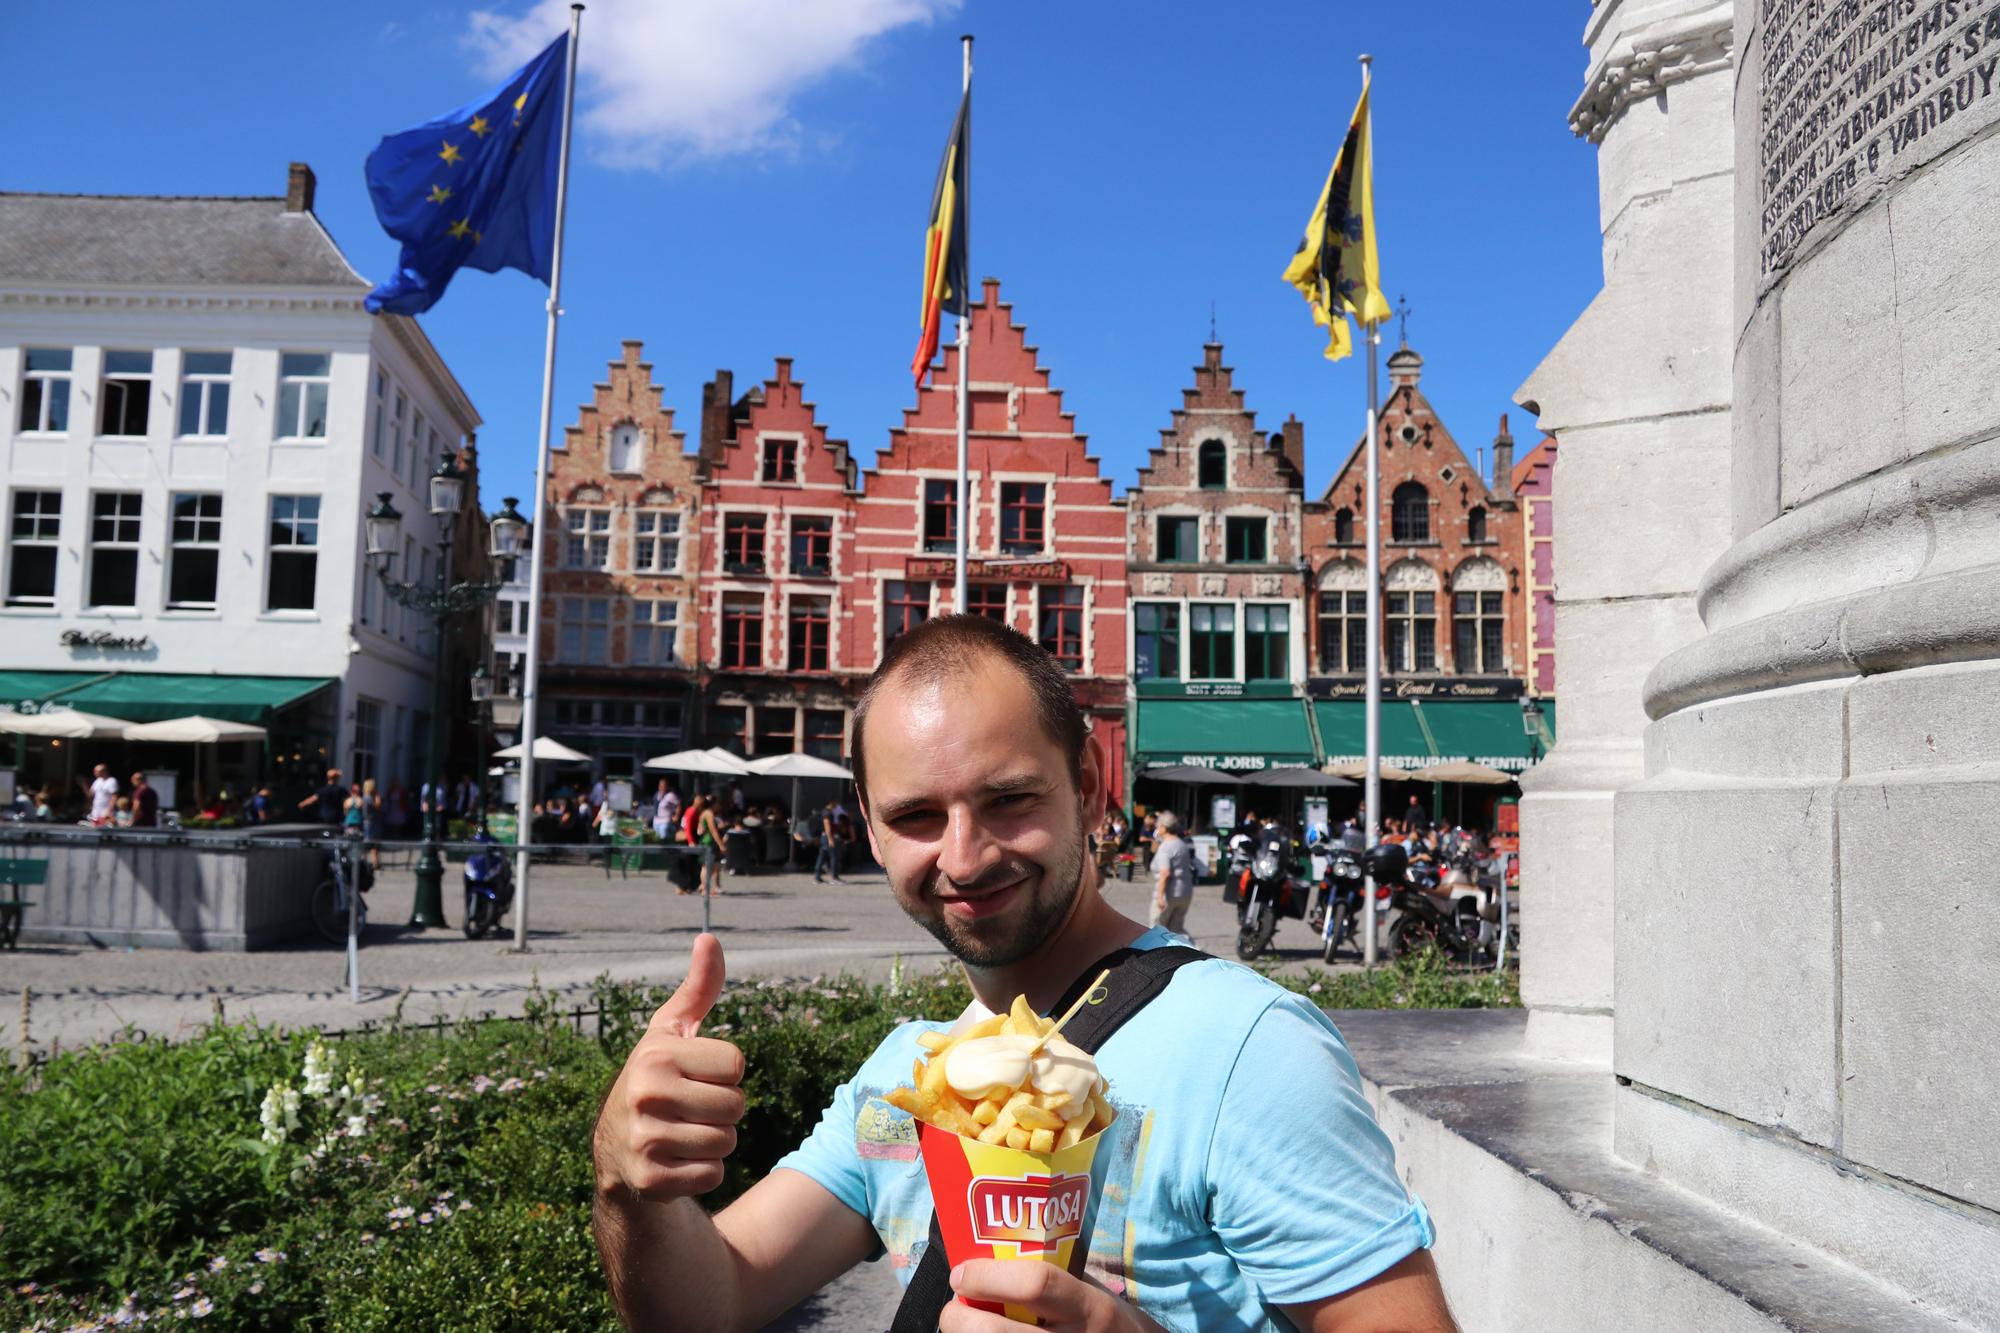 Weekendje Brugge in 10 beelden: Friet eten op de Grote Markt